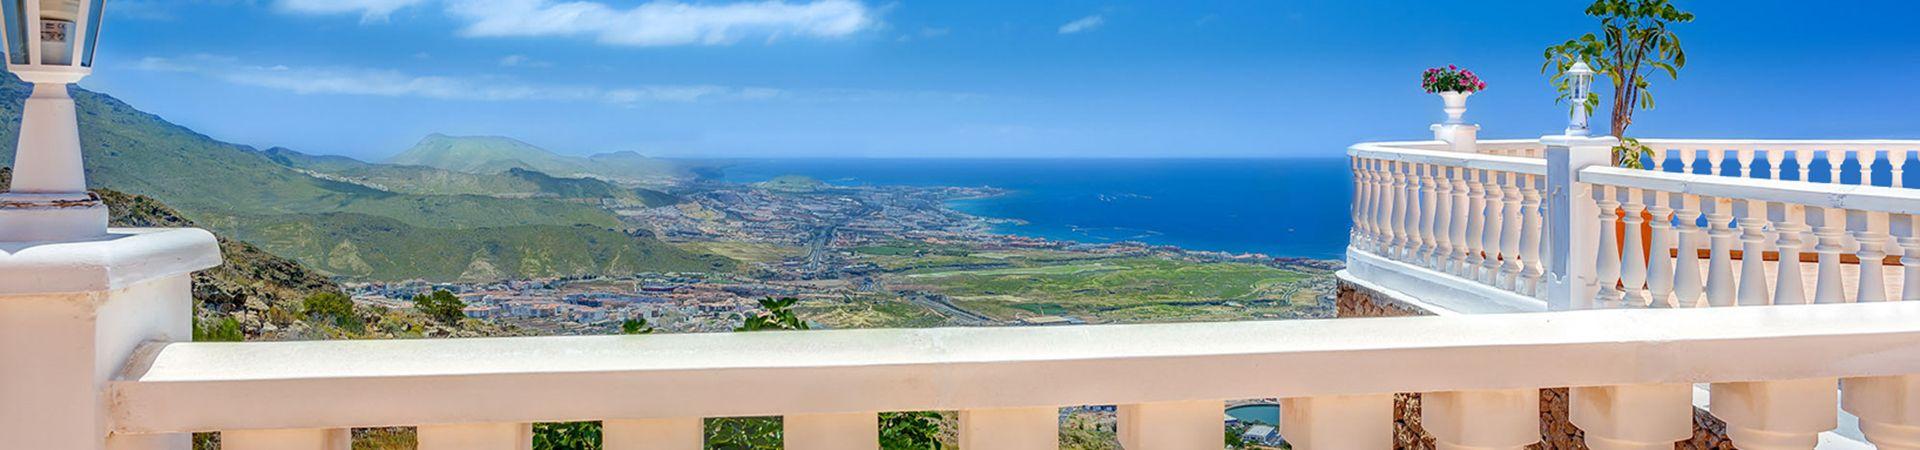 Propriétés à vendre à Tenerife